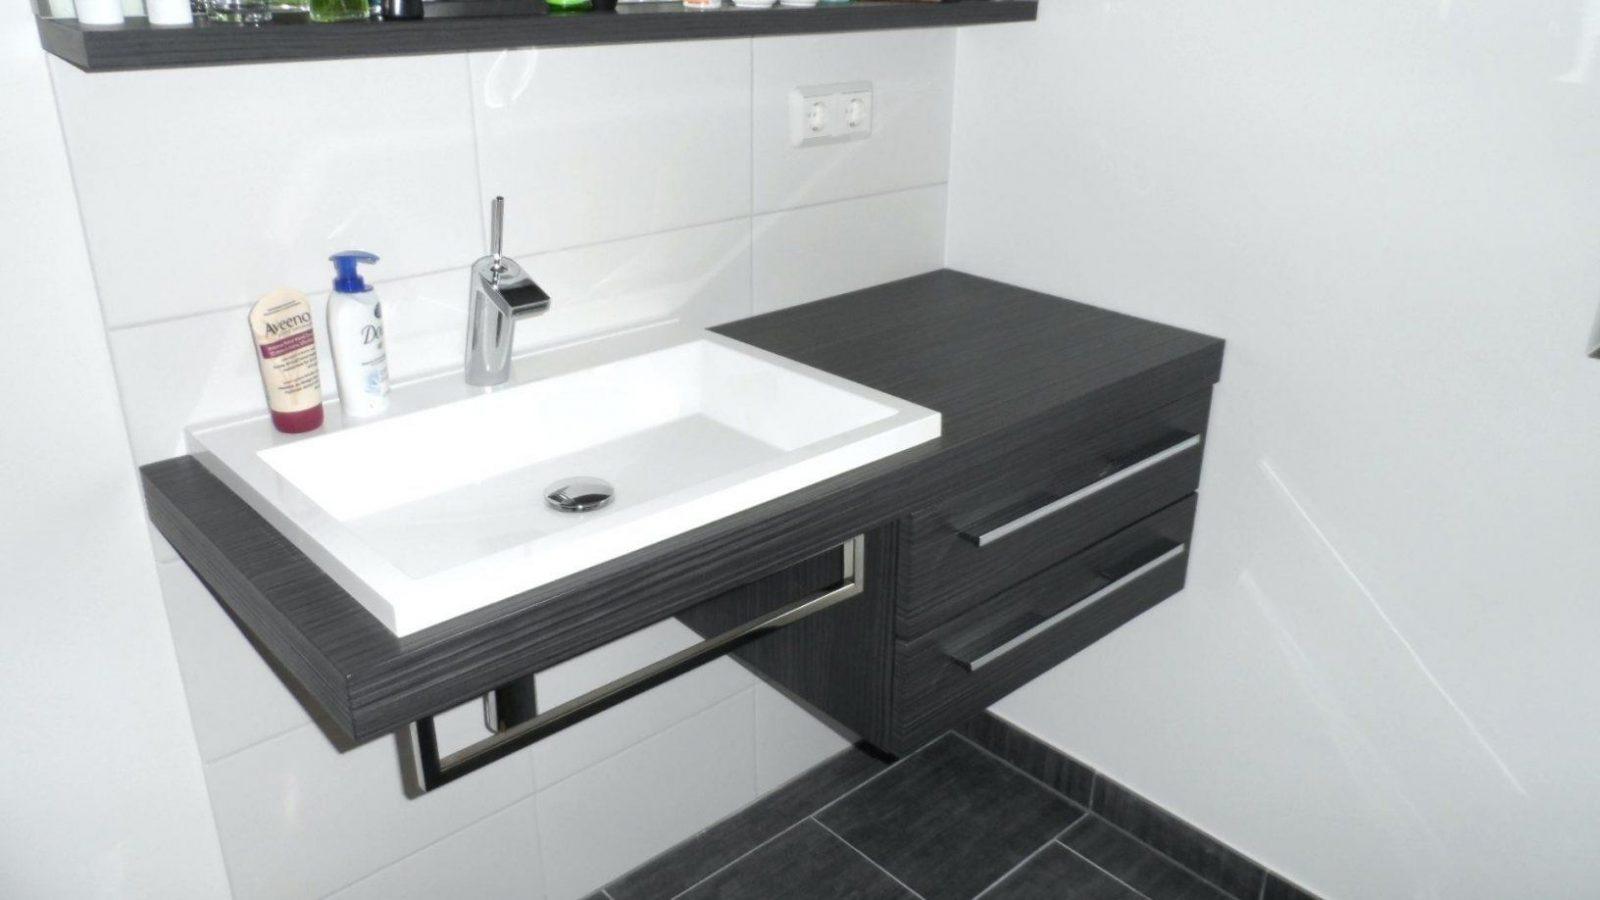 Waschbecken Unterschrank Modern Badezimmer Linie Bad Waschtisch Avec von Moderne Waschtische Mit ...